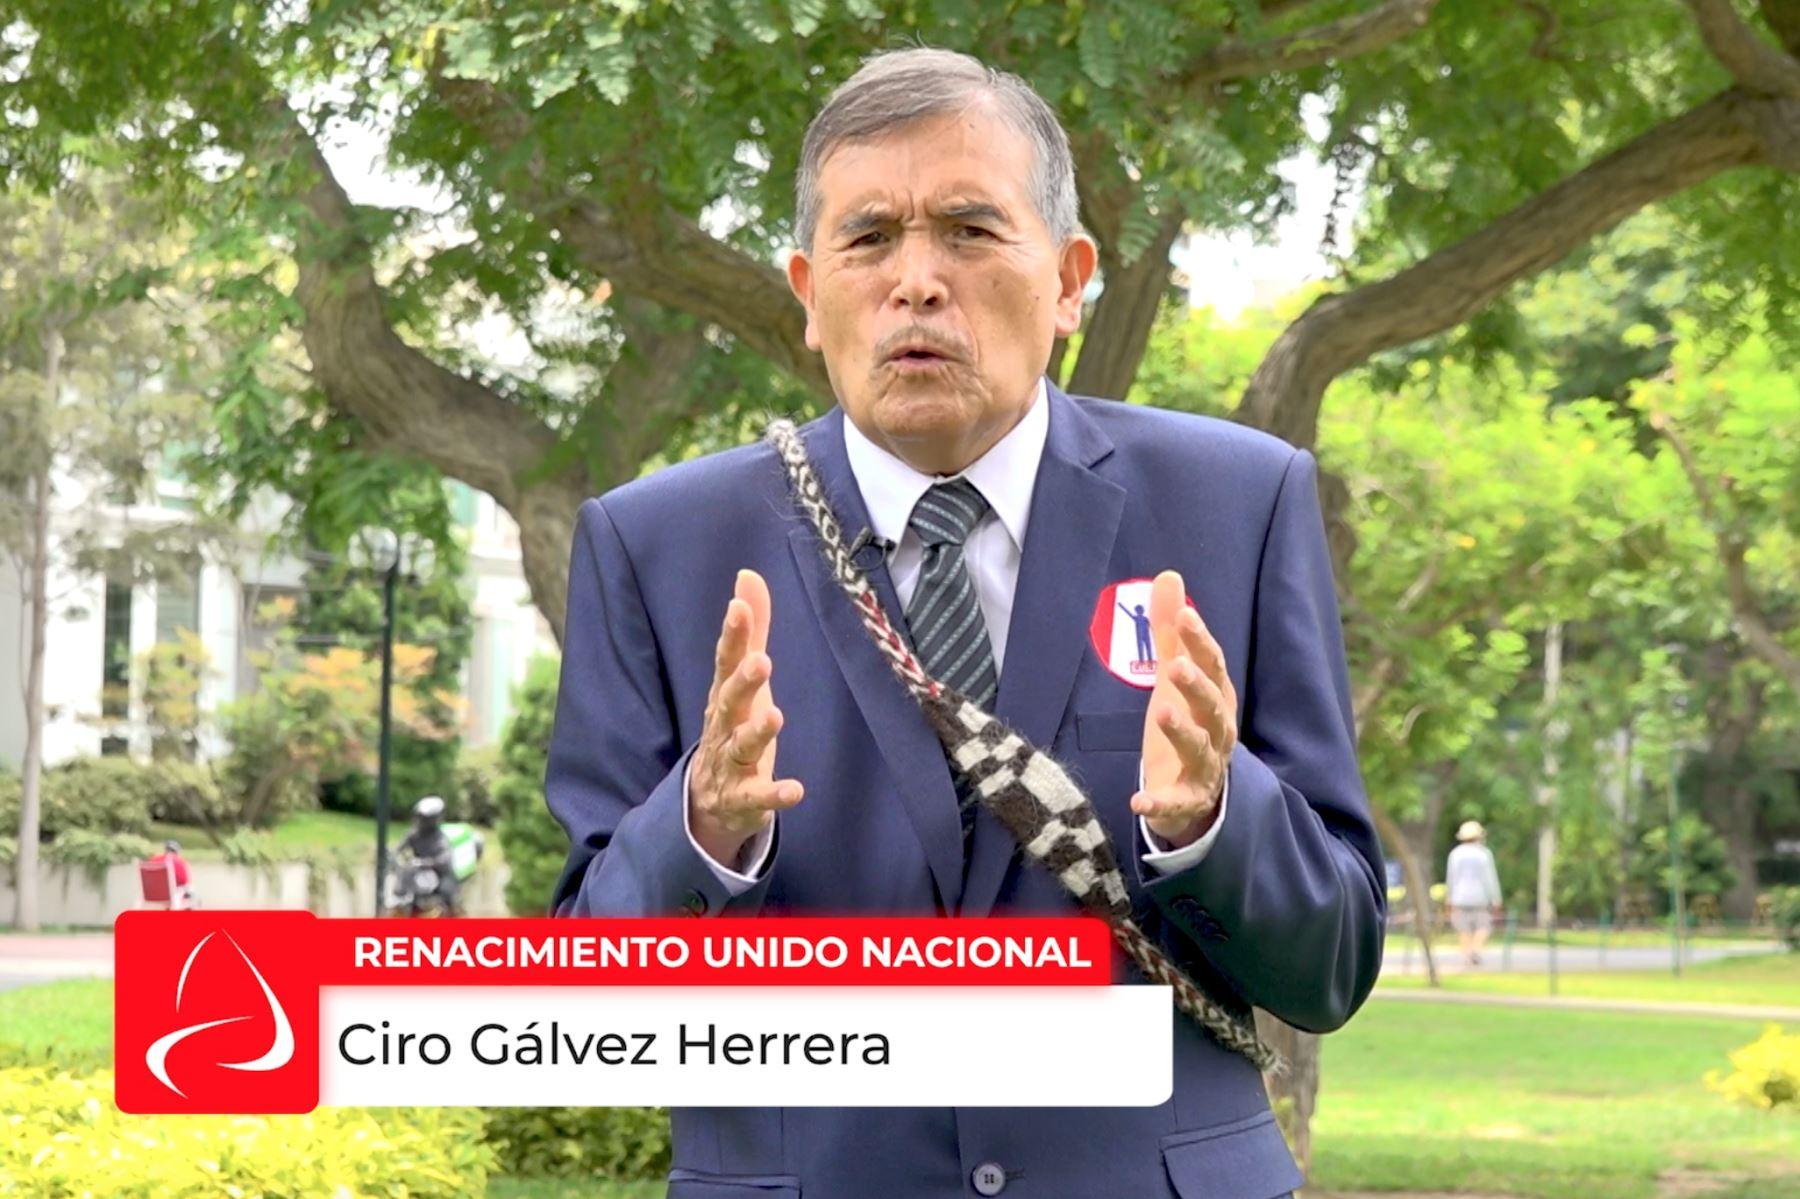 elecciones-2021-ciro-galvez-propone-mano-dura-contra-la-delincuencia